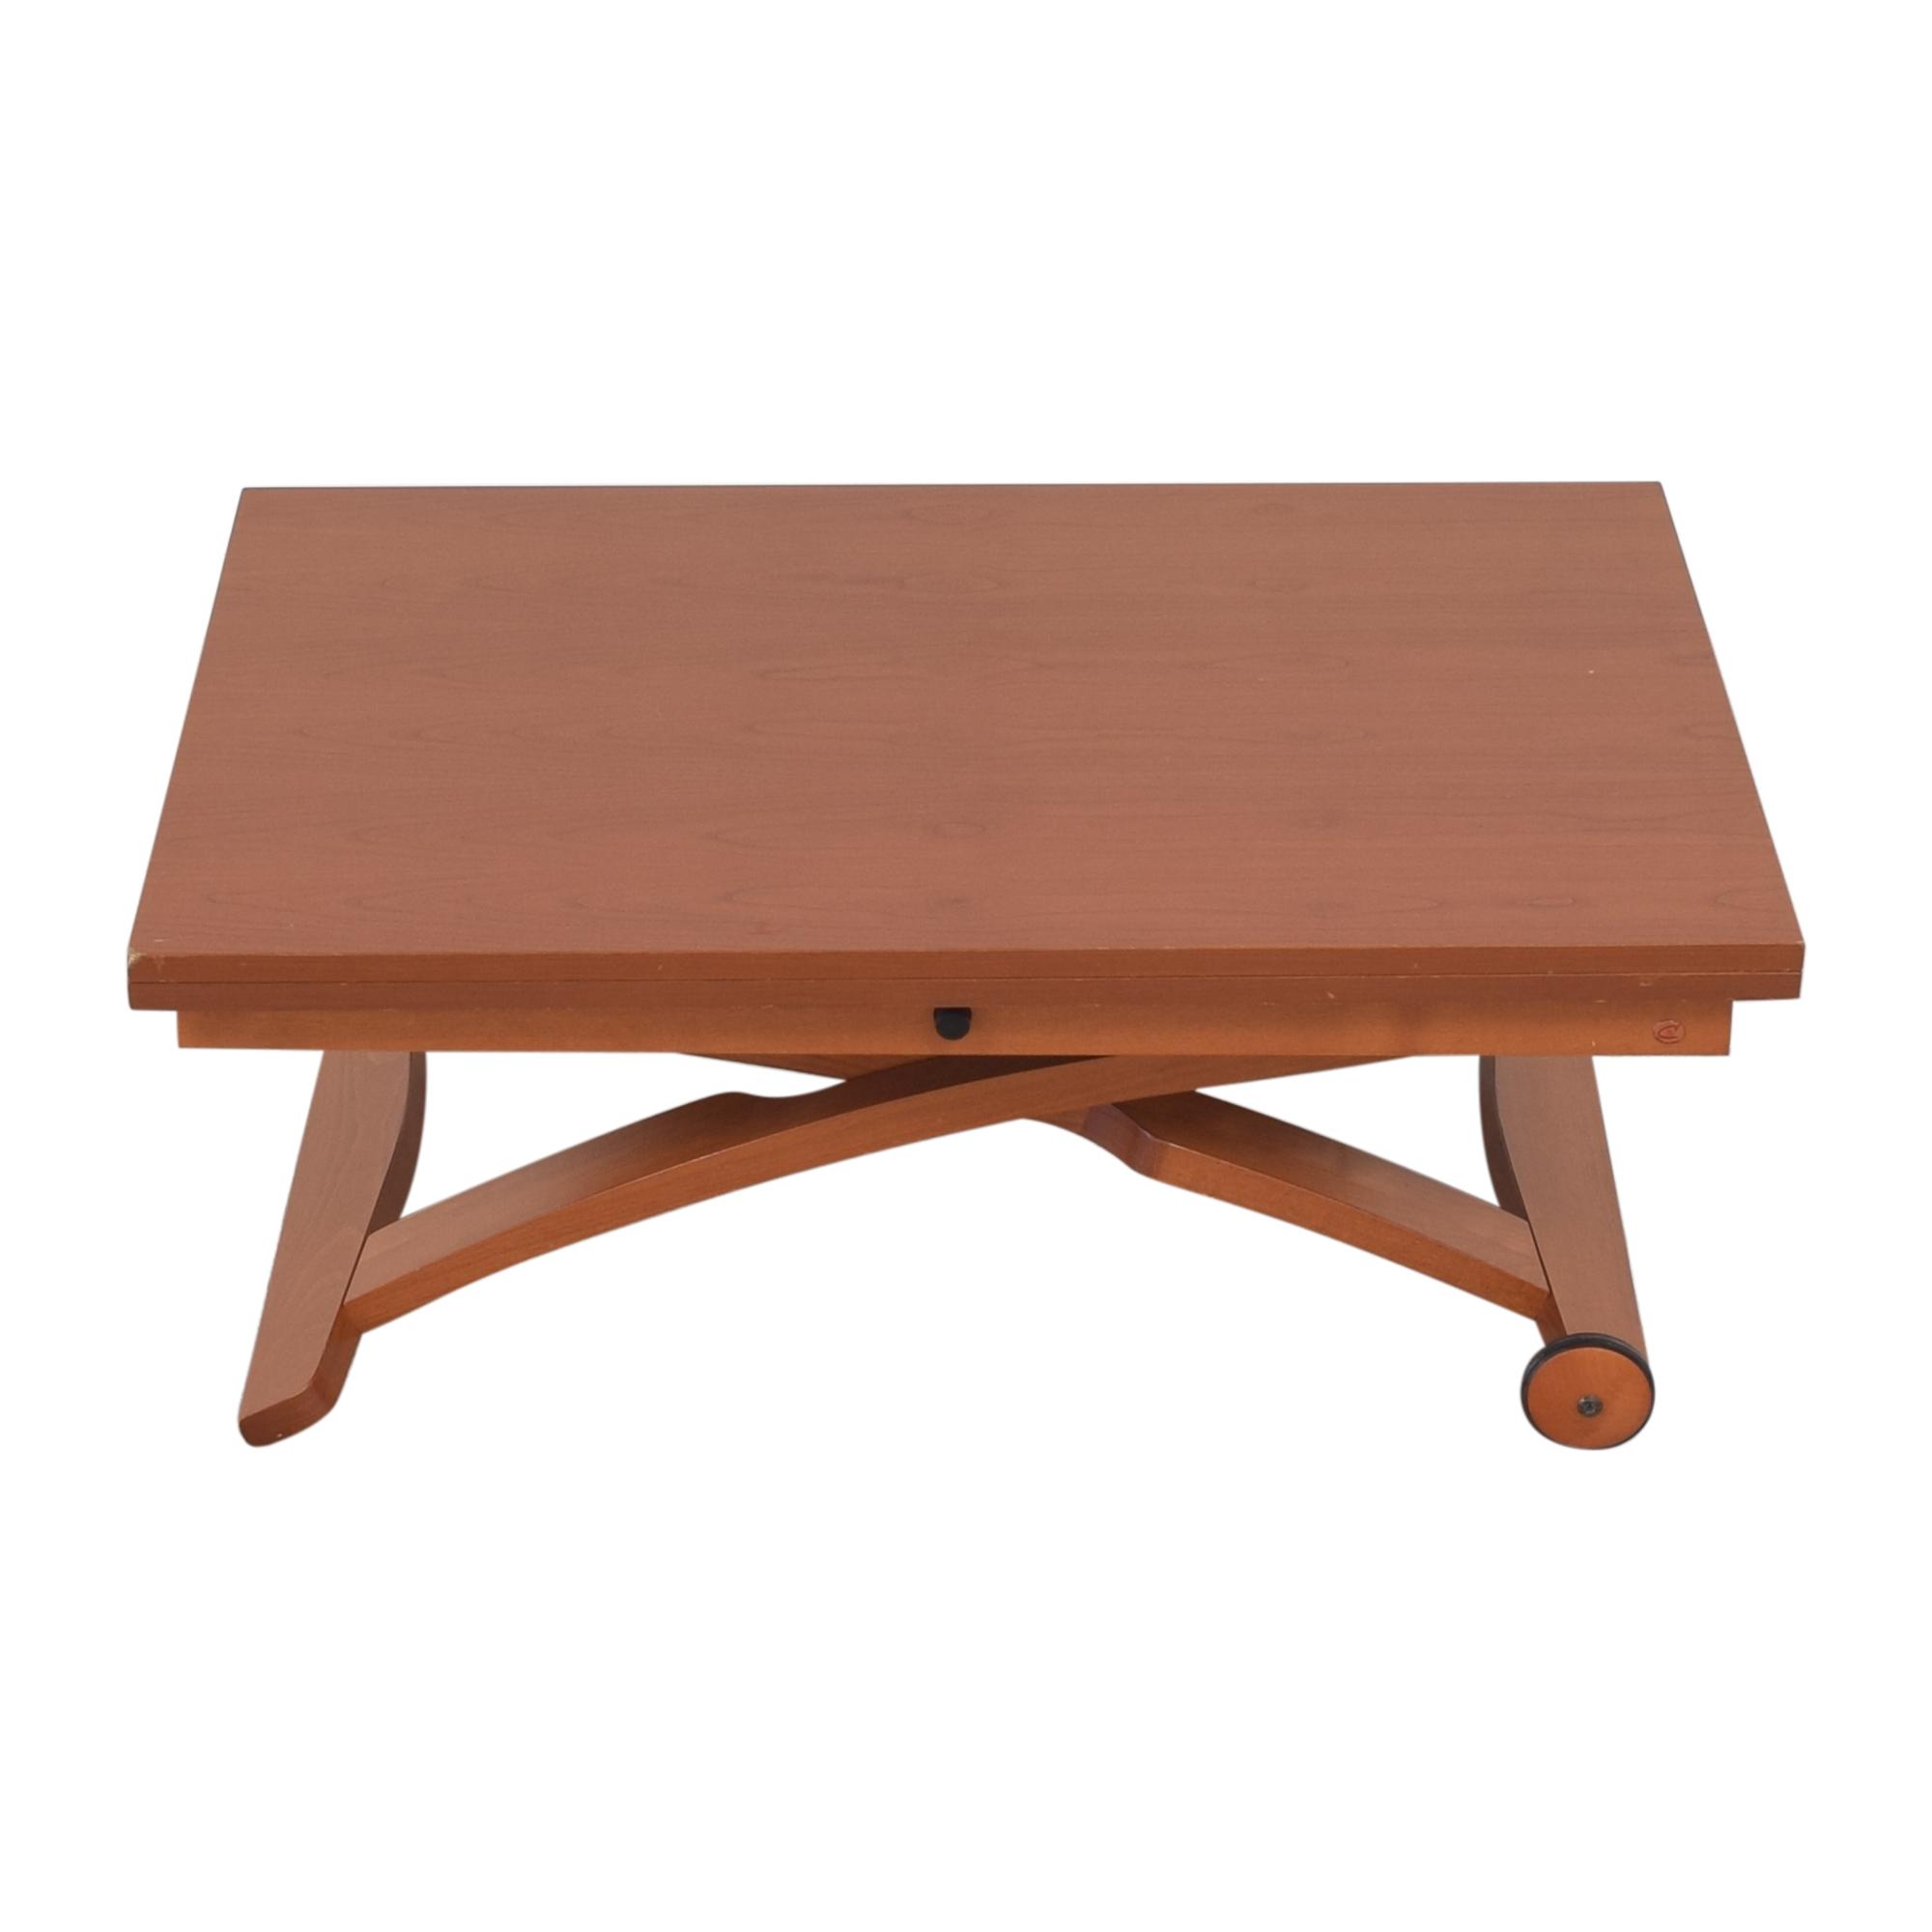 Calligaris Calligaris Connubia Multipurpose Extension Table Coffee Tables